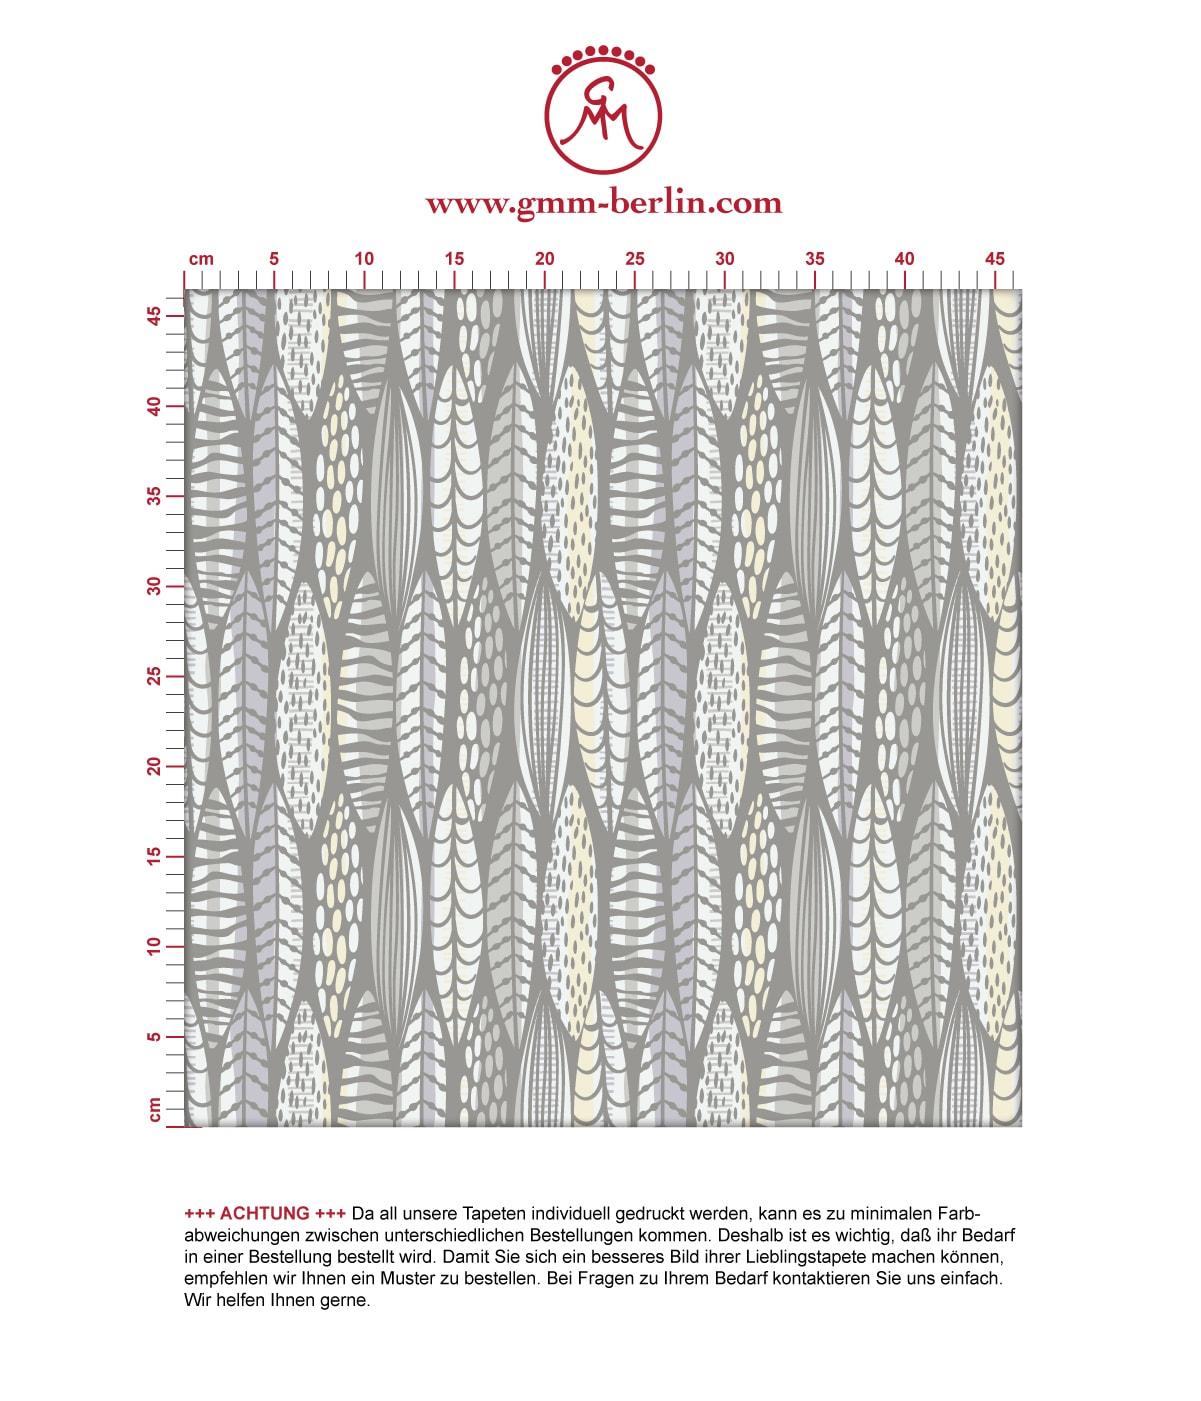 Moderne Tapete Streifen Blätter grafisch floral in grau, Streifentapete für Ihr Zuhause. Aus dem GMM-BERLIN.com Sortiment: Schöne Tapeten in der Farbe: grau